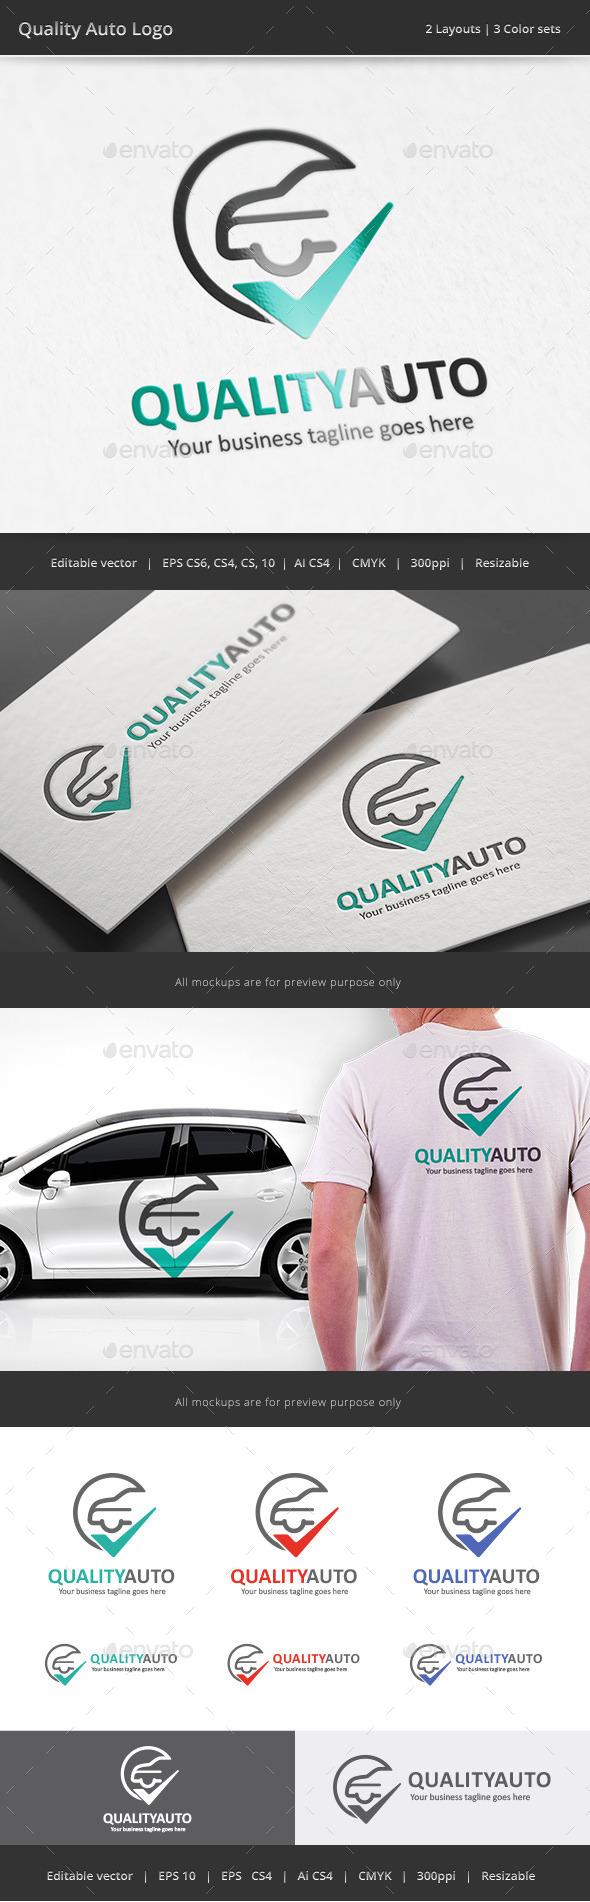 GraphicRiver Quality Auto Logo 10644247